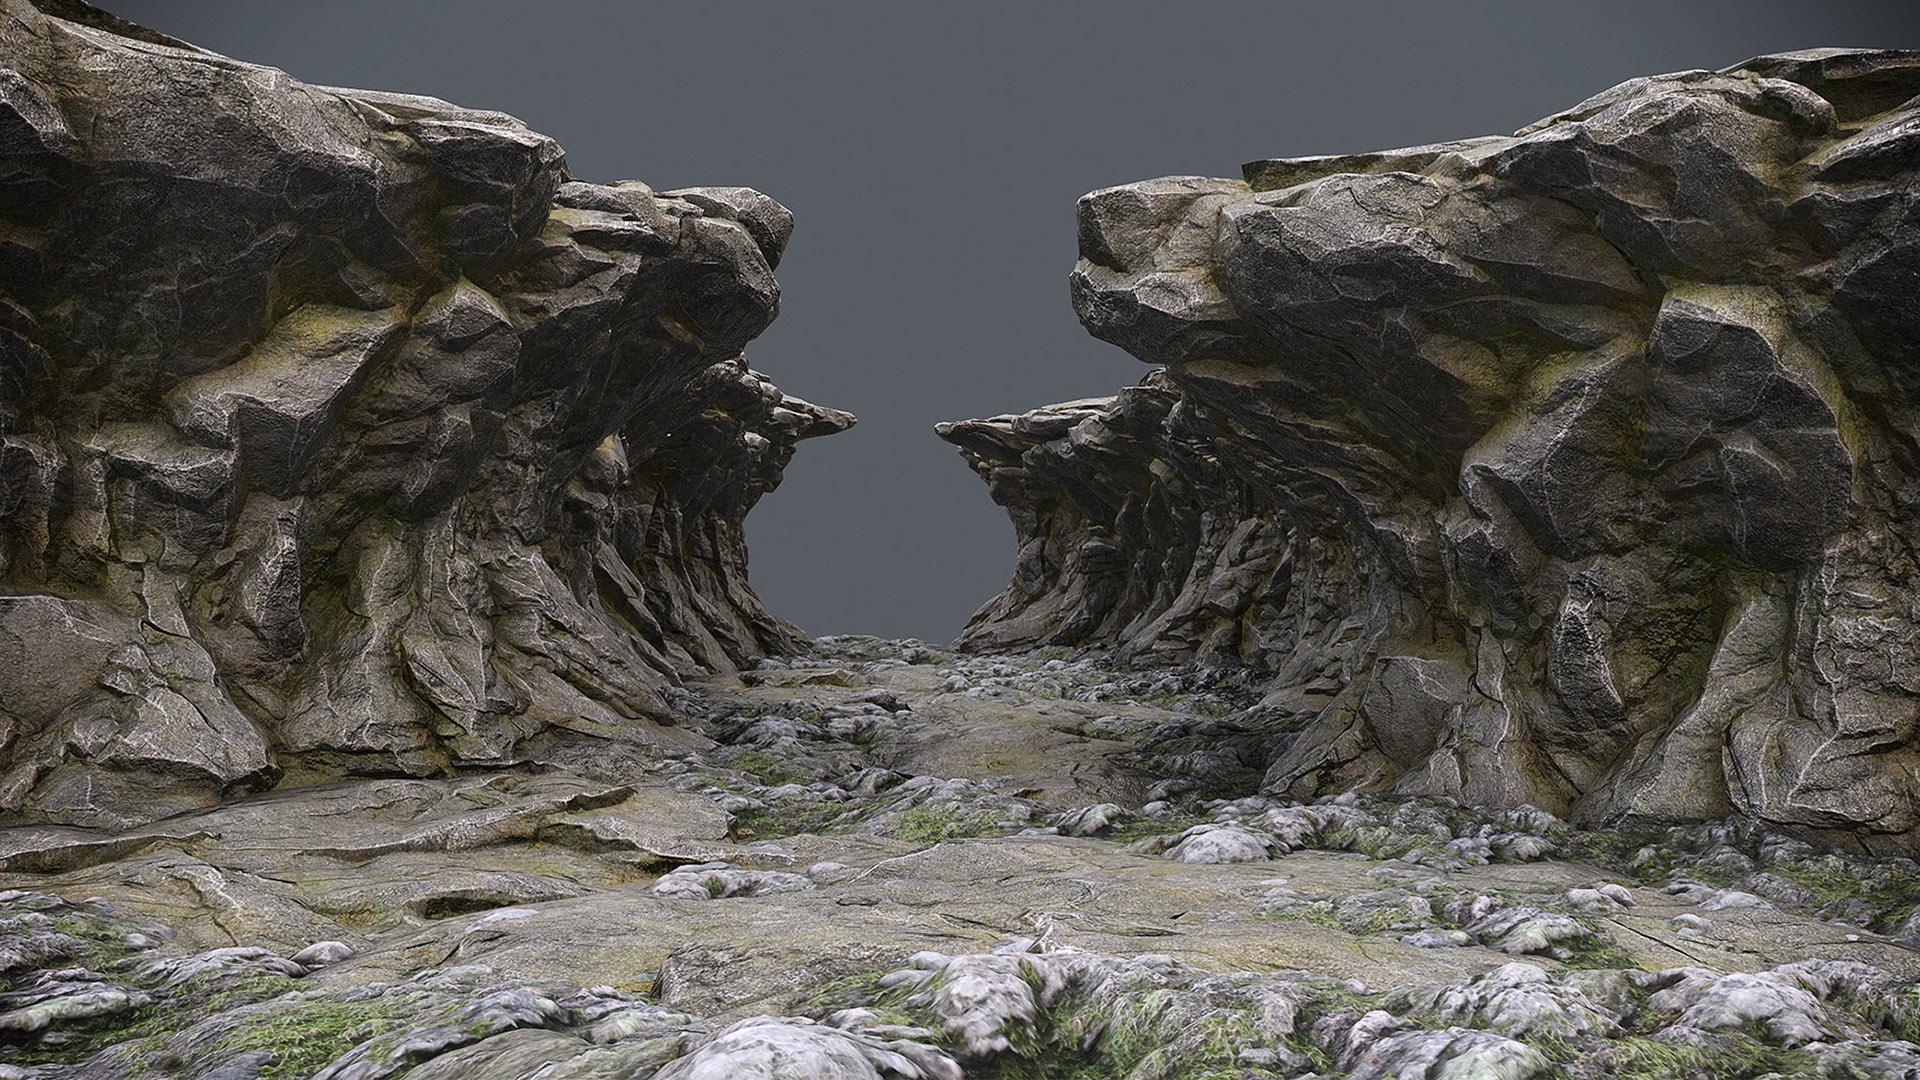 pantropy ravine rocks